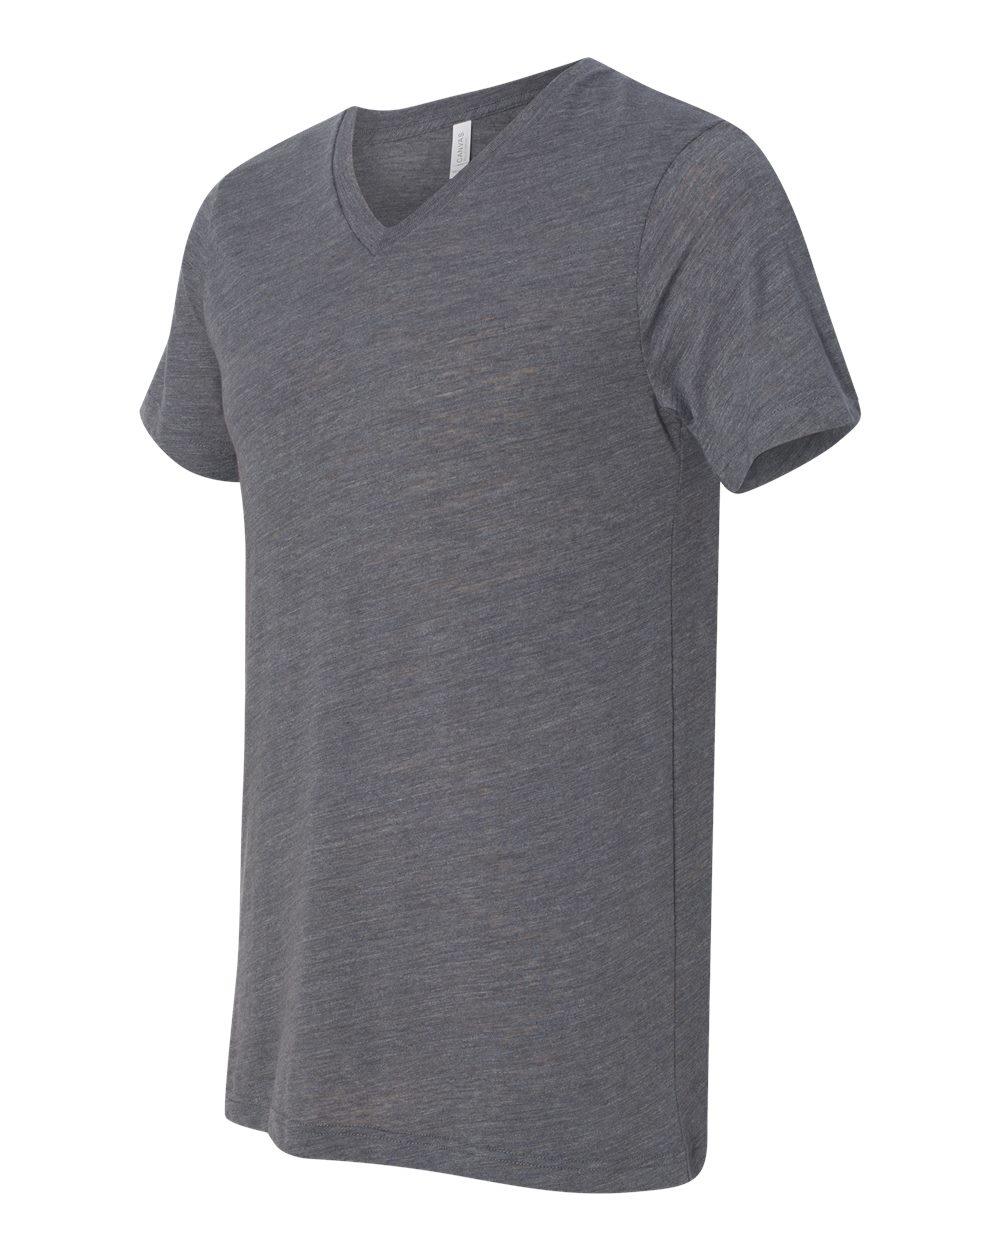 Bella-Canvas-Men-039-s-Jersey-Short-Sleeve-V-Neck-T-Shirt-3005-XS-3XL thumbnail 85